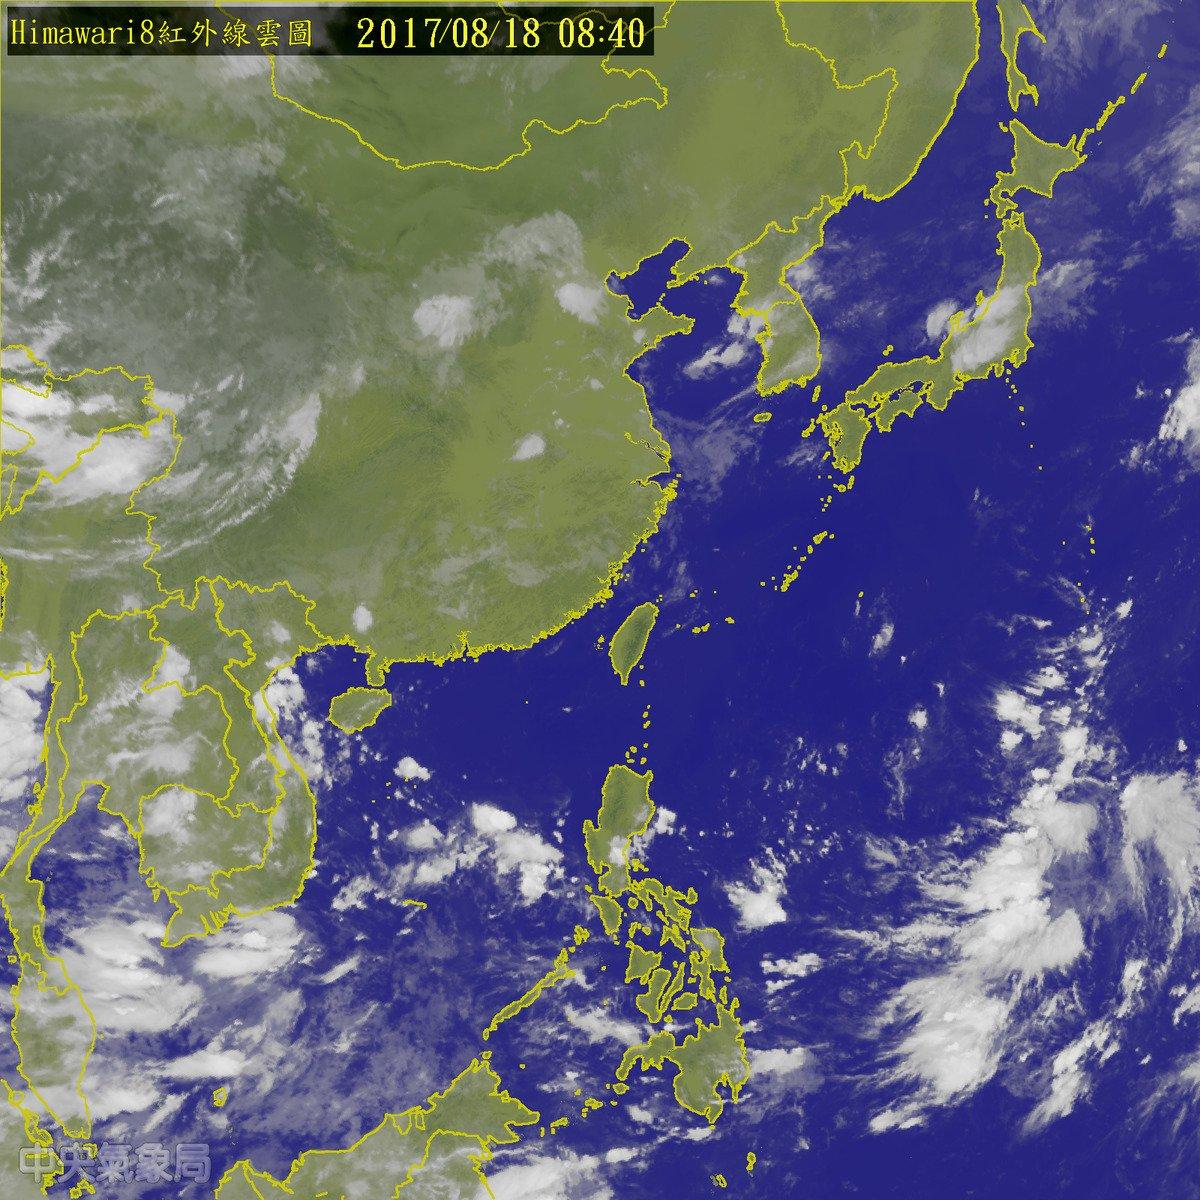 高壓北移  注意是否有颱風形成